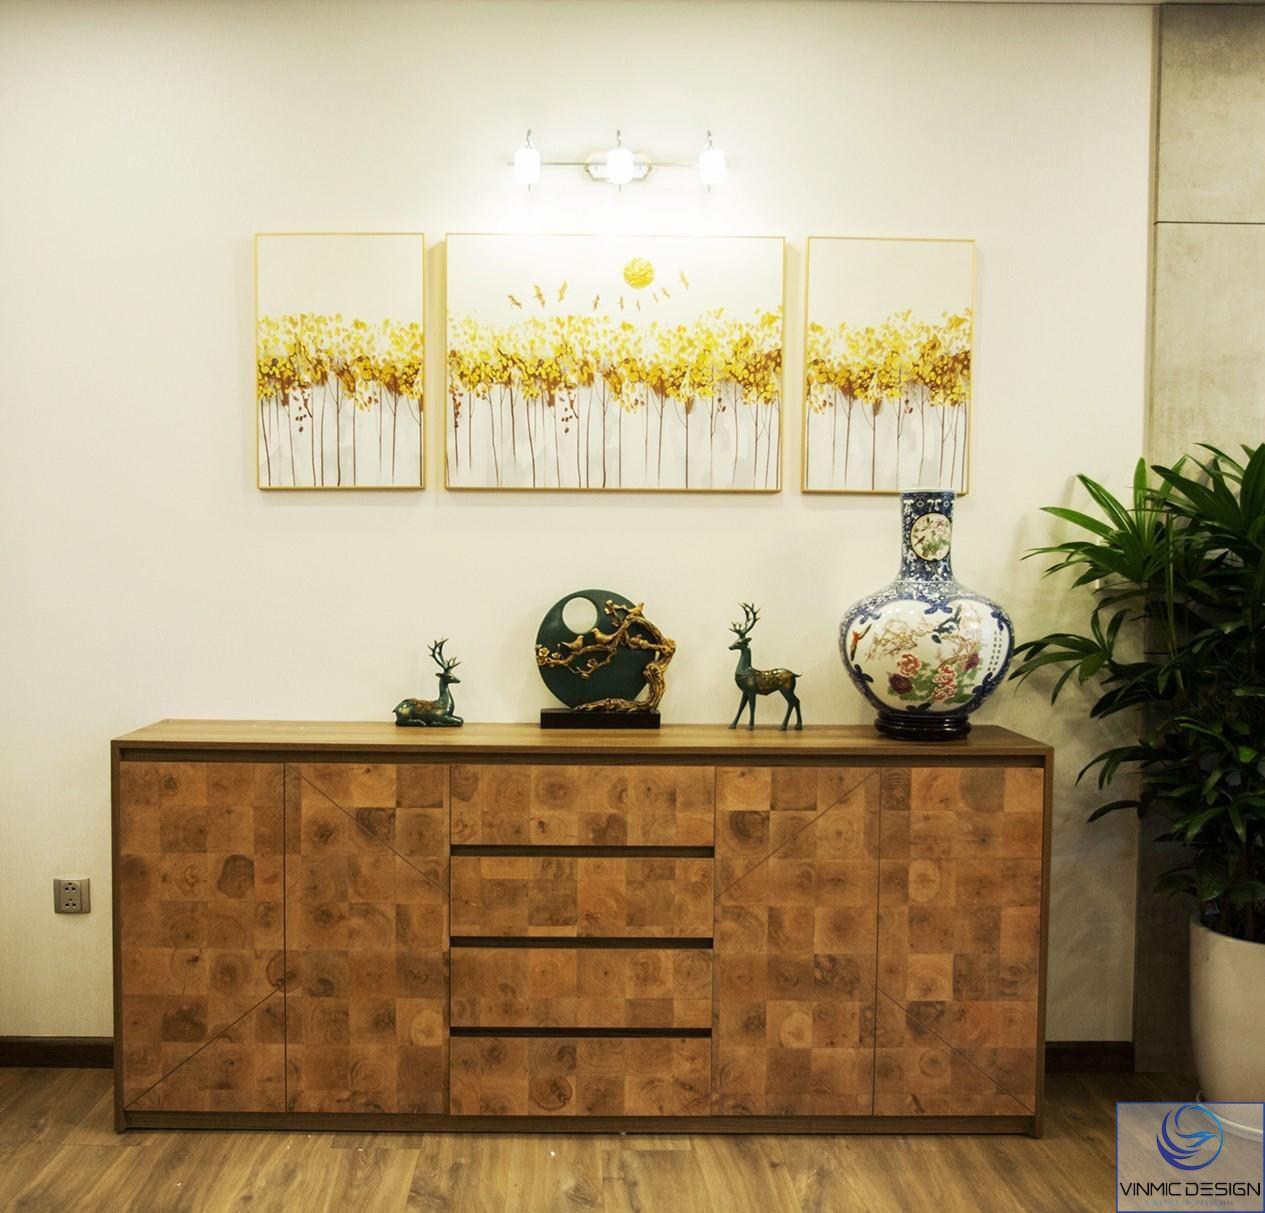 Giữa căn hộ là tủ trang trí và bức tranh thiên nhiên làm nên vẻ tự nhiên.